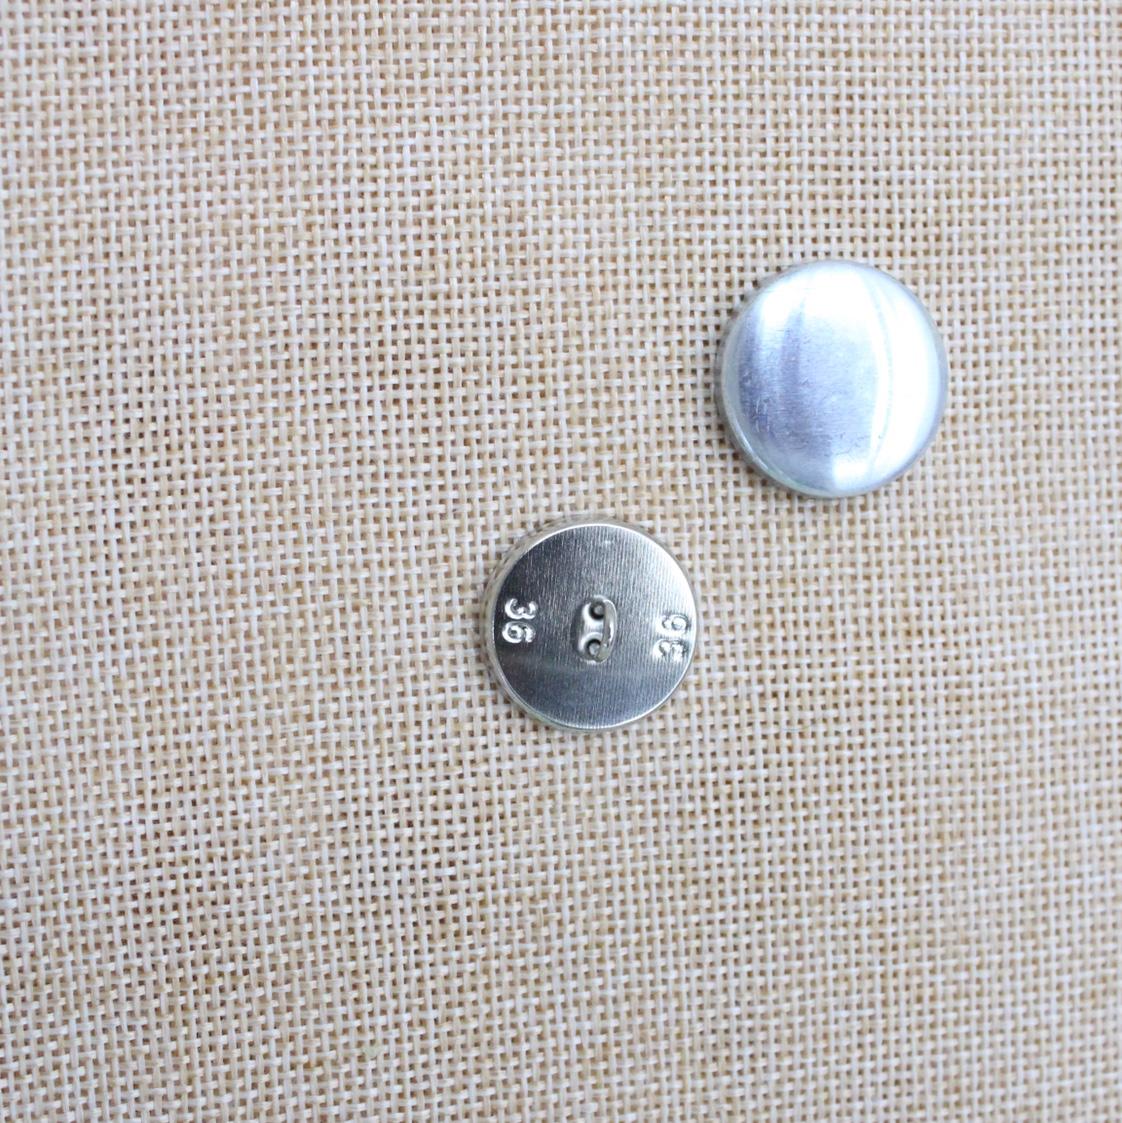 沙发皮包扣铁包扣转椅沙发扣装饰扣扣胚